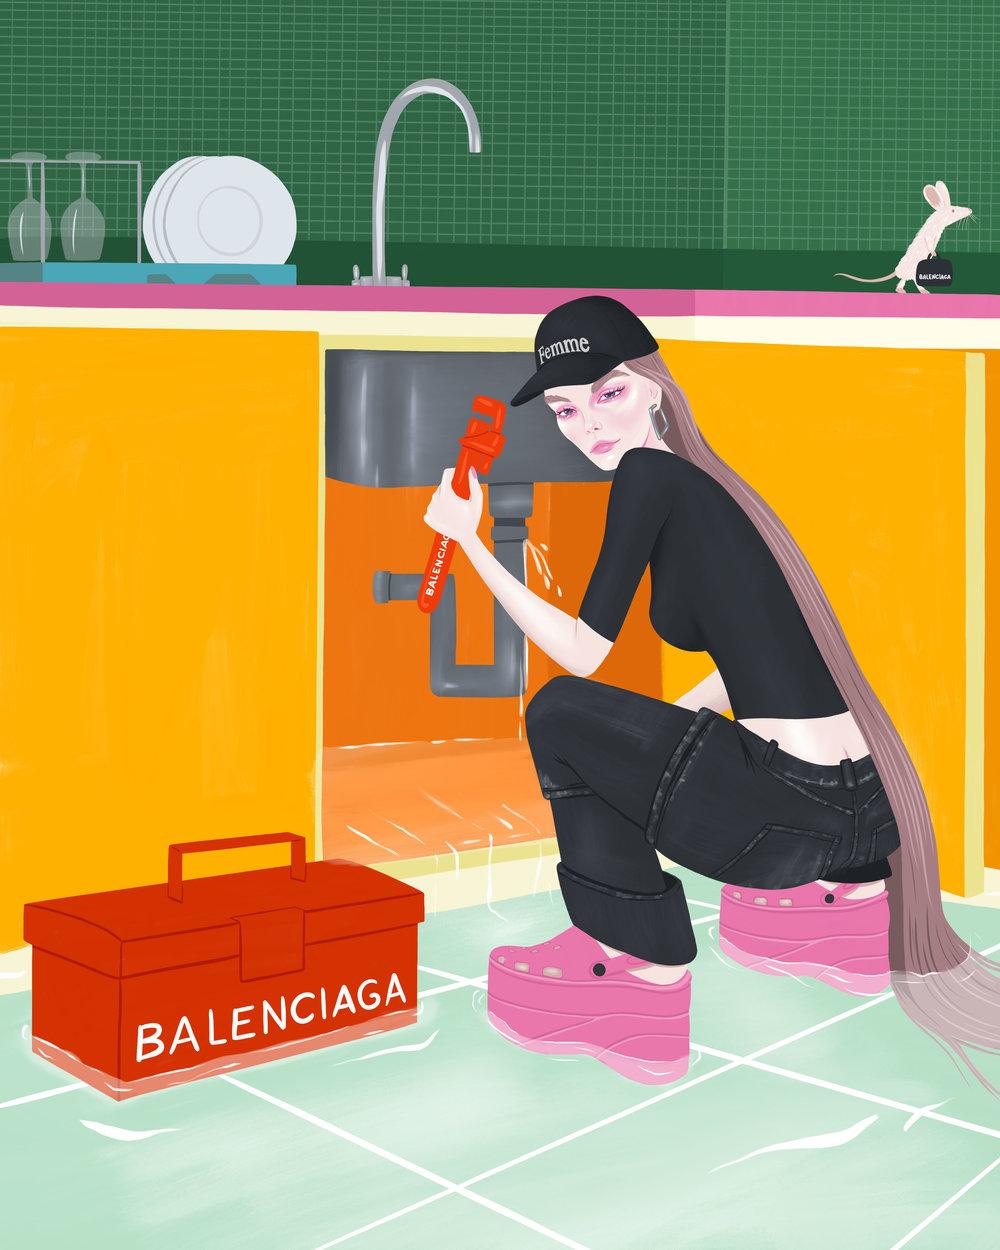 Balenciaga Plumber, 2018